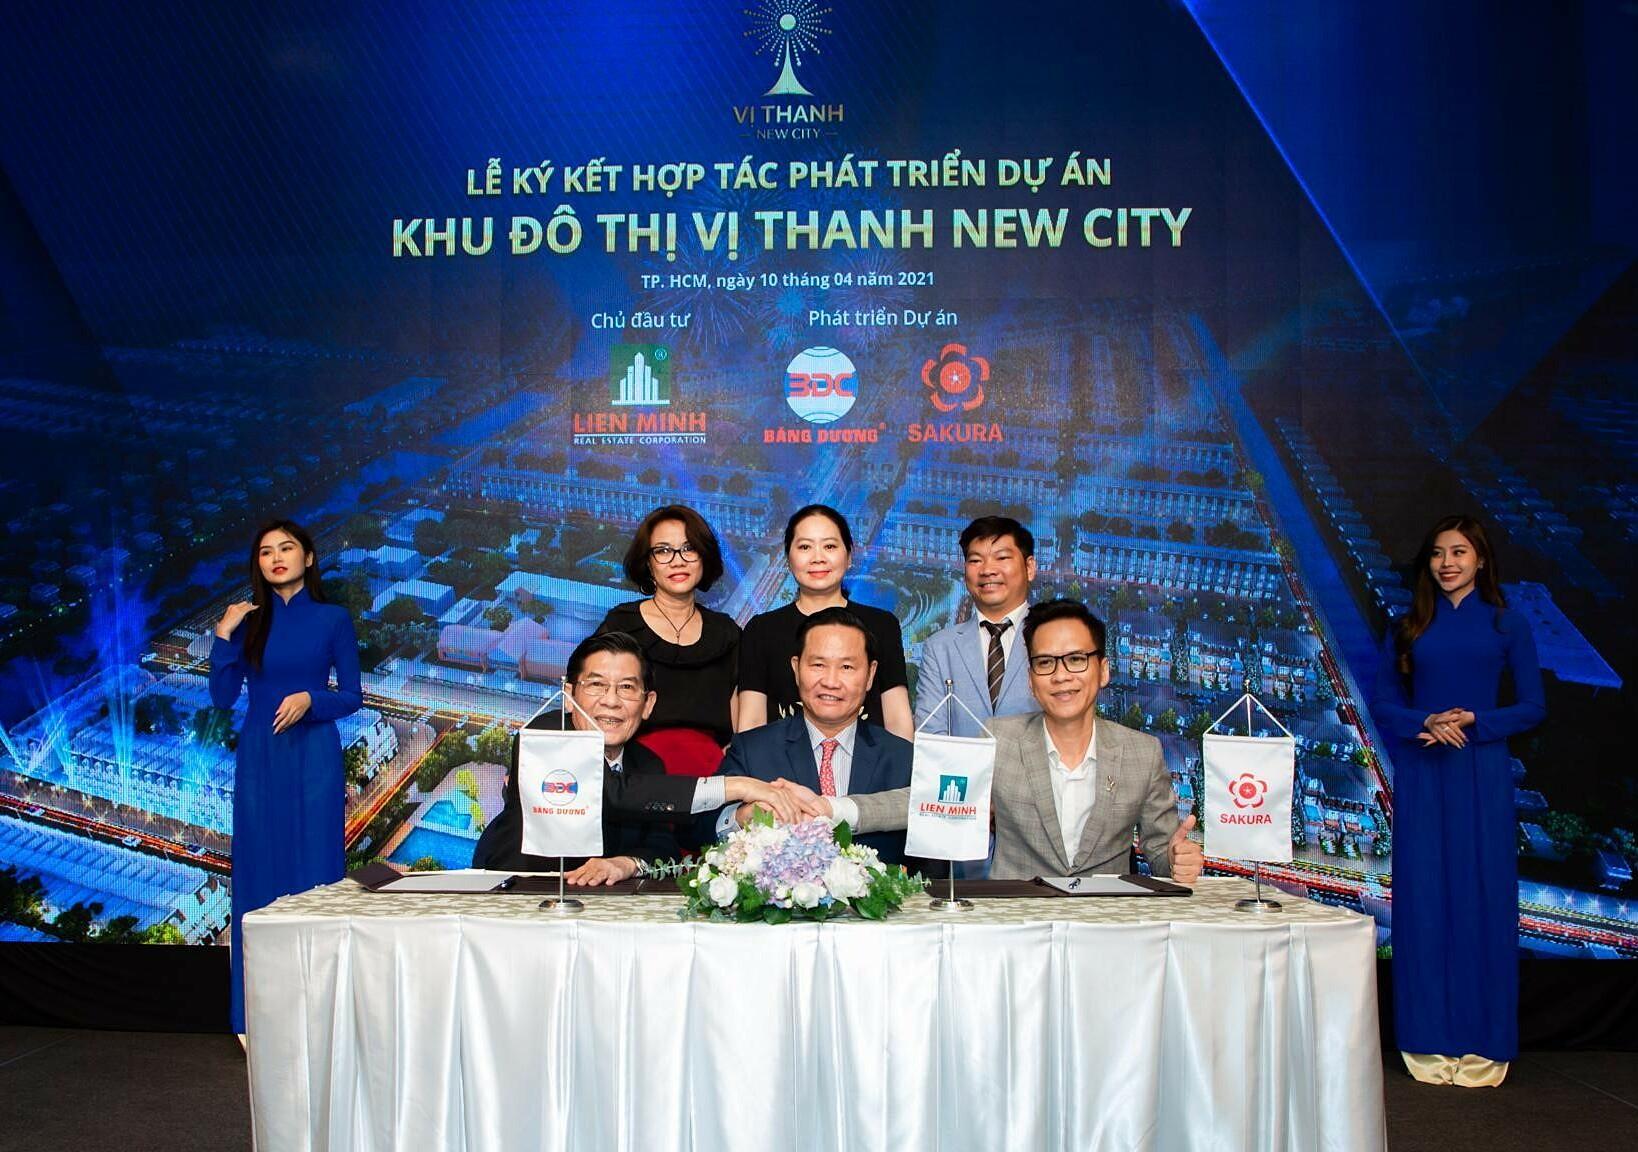 Sakura Group hợp tác phát triển khu đô thị Vị Thanh New City